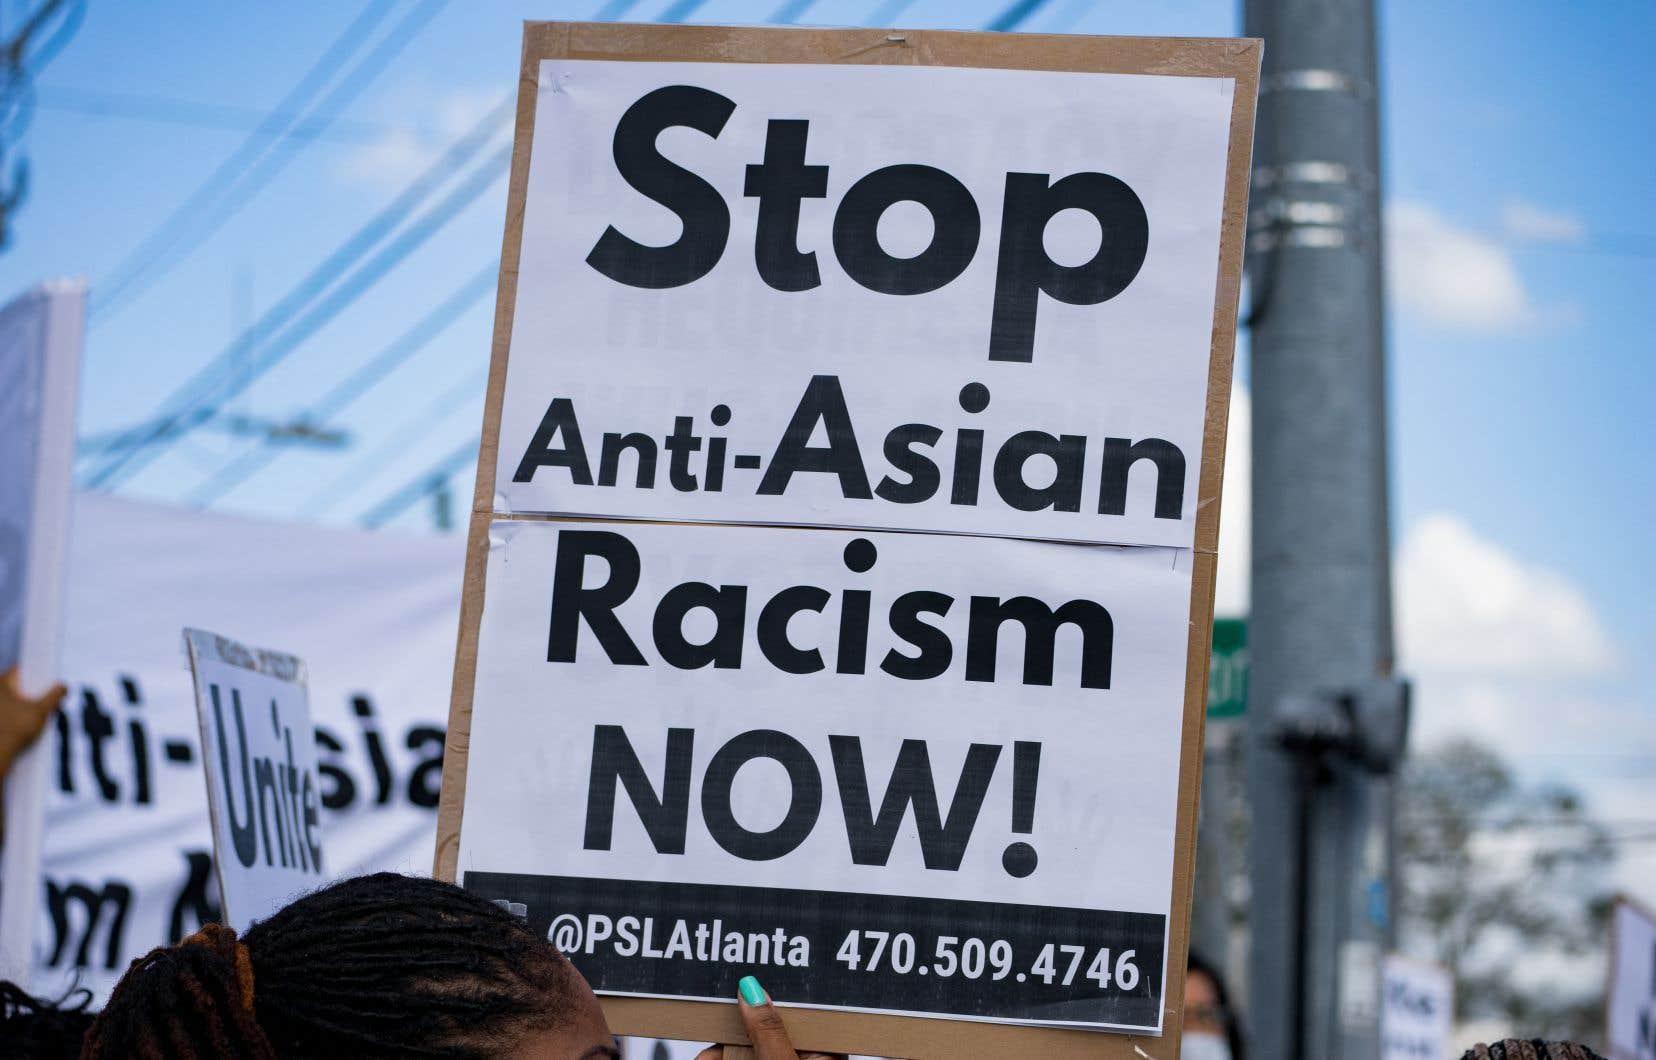 Pour beaucoup de gens,le bain de sang d'Atlanta relève donc à la fois du racisme, du sexisme, du mépris pour les pauvres, du problème des armes à feu aux États-Unis et de la maladie mentale. Bref, il est «intersectionnel».